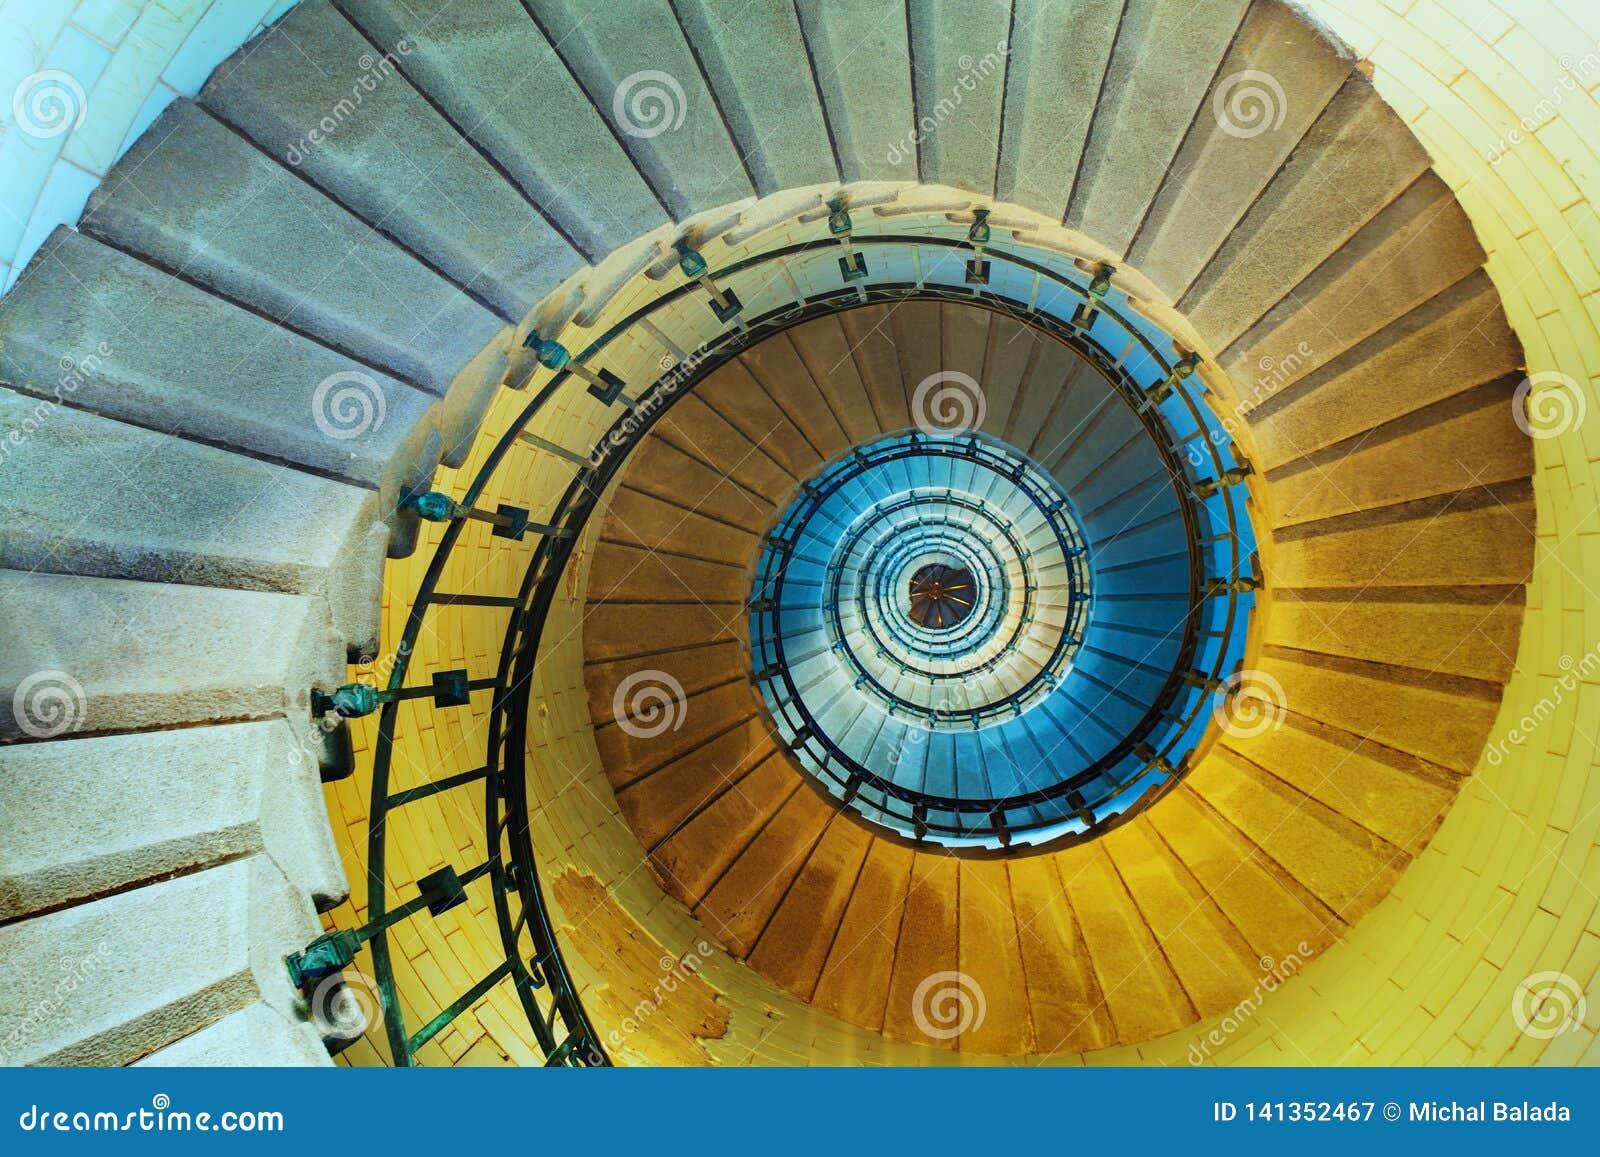 Oberseitenansicht einer Wendeltreppe im Leuchtturm oder im Turm